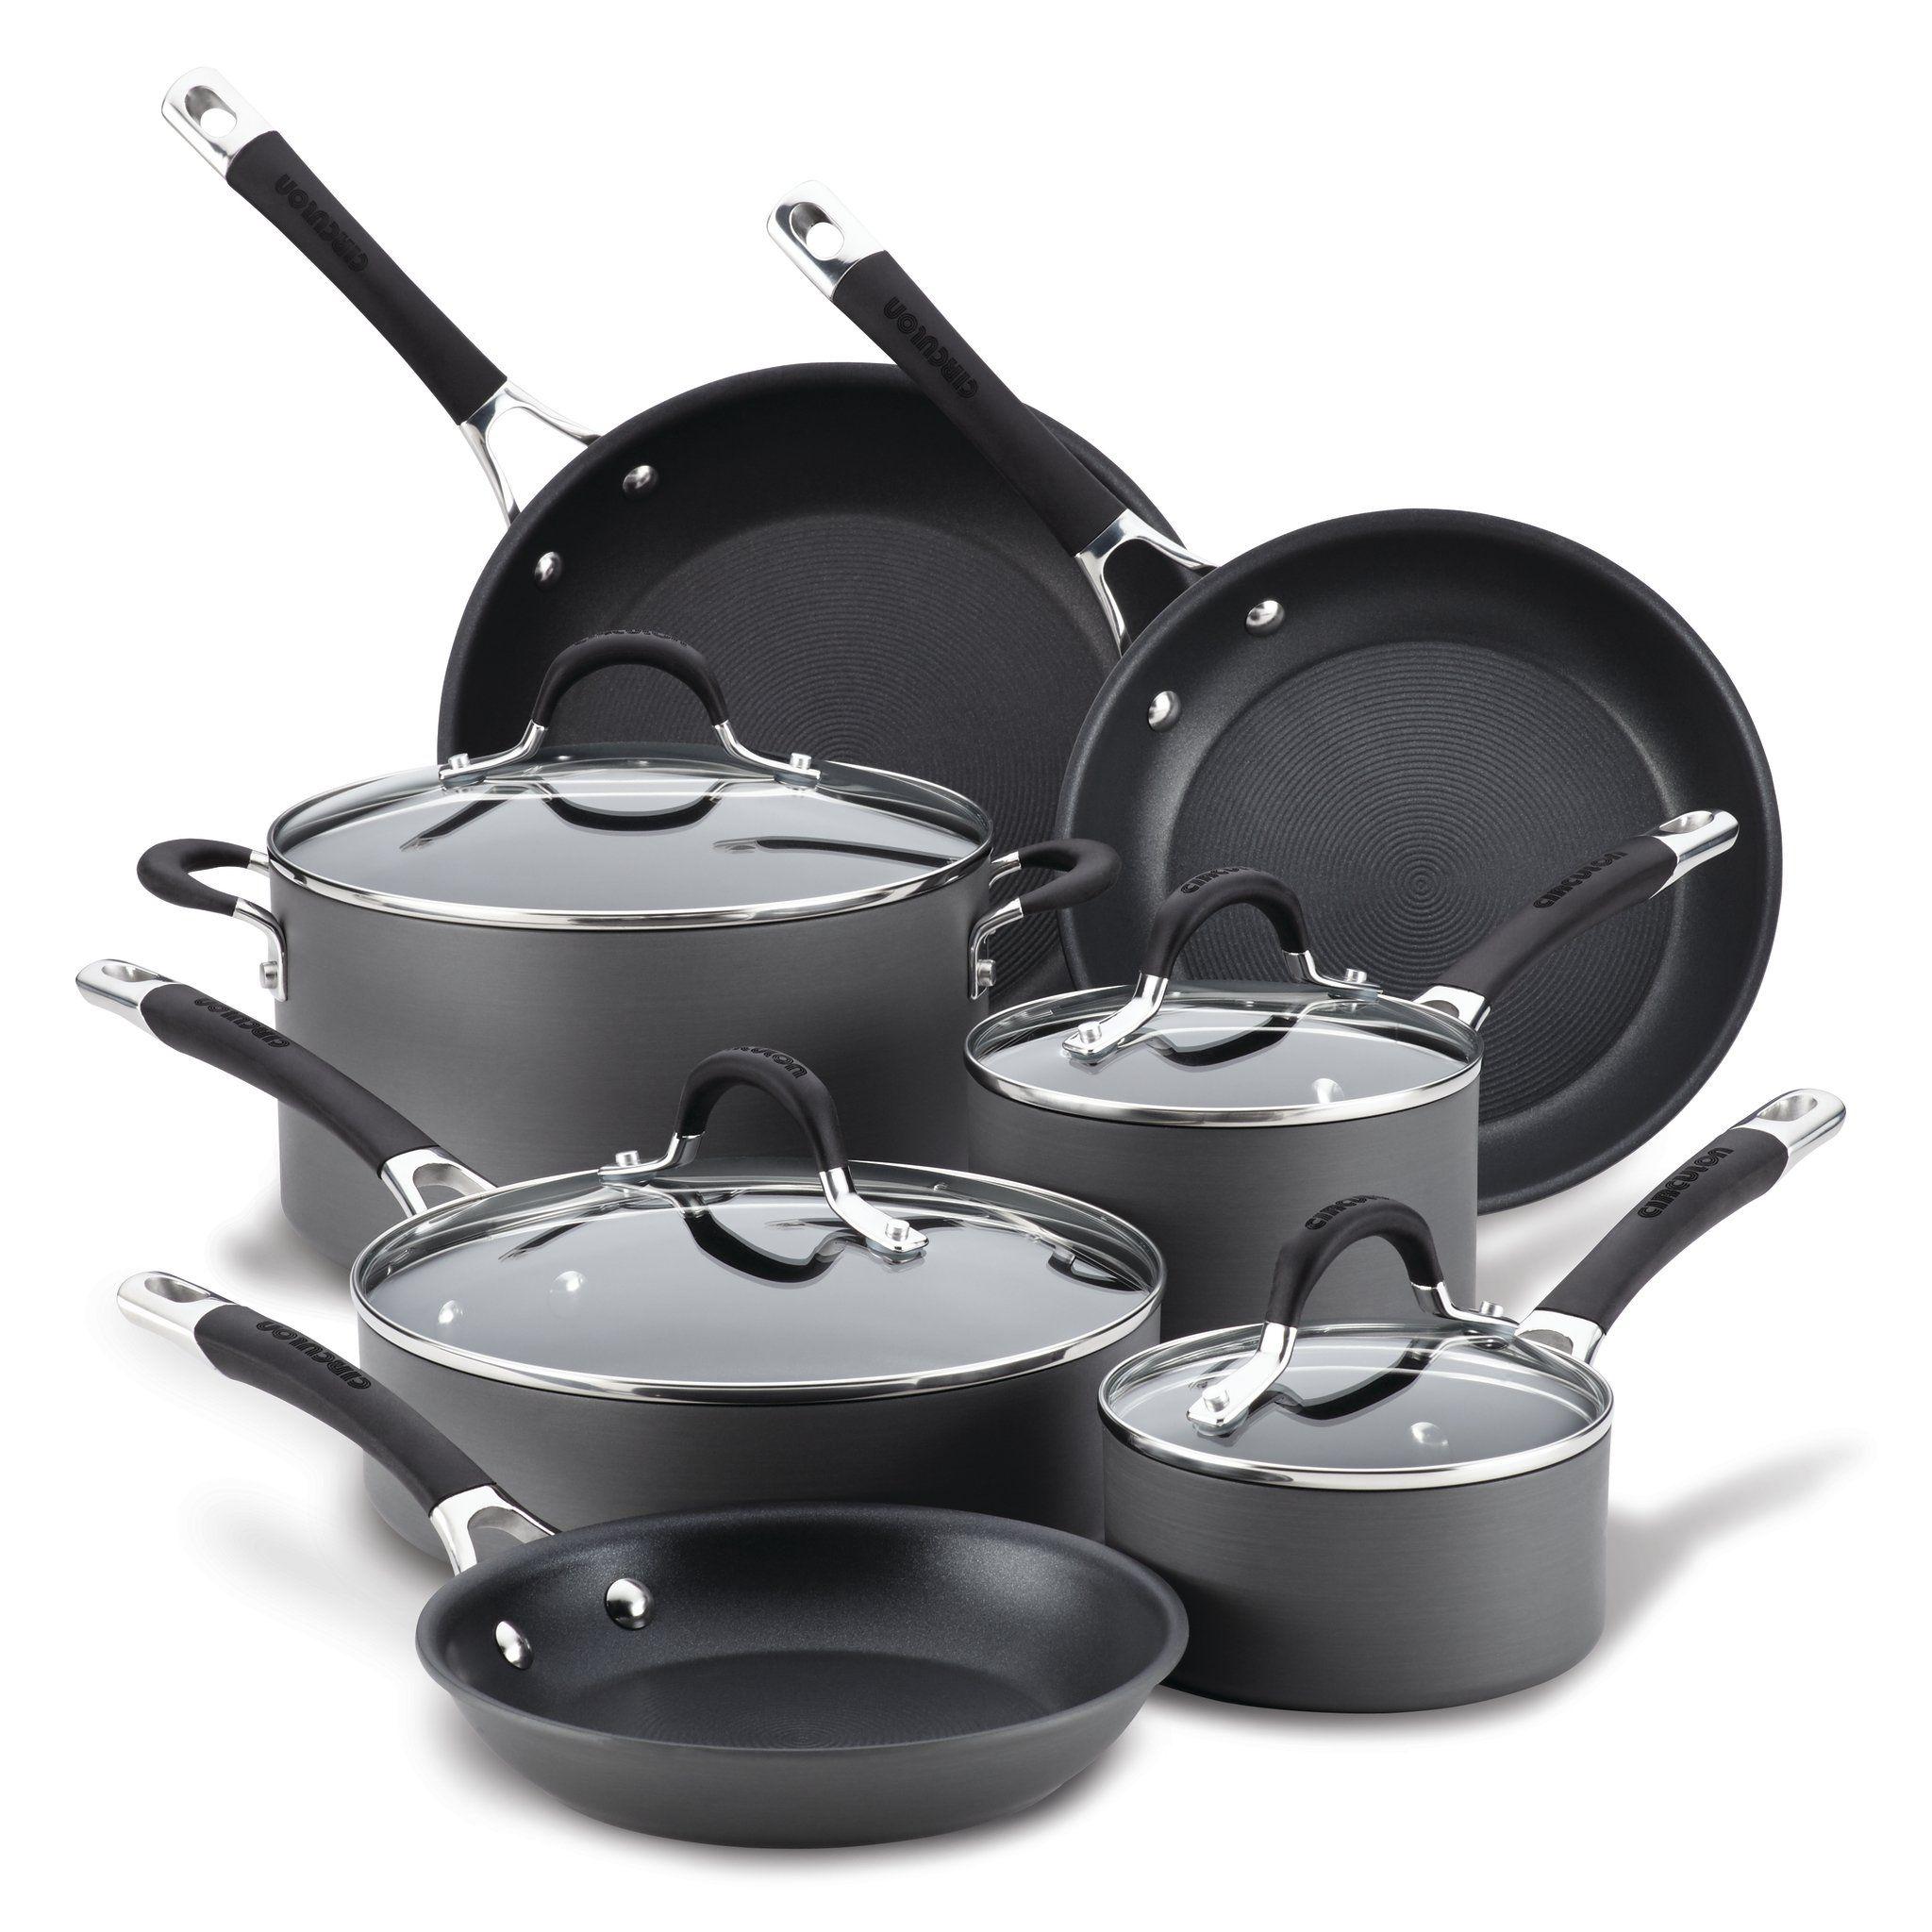 11 Piece Nonstick Cookware Set Cookware Set Dishwasher Safe Cookware Nonstick Cookware